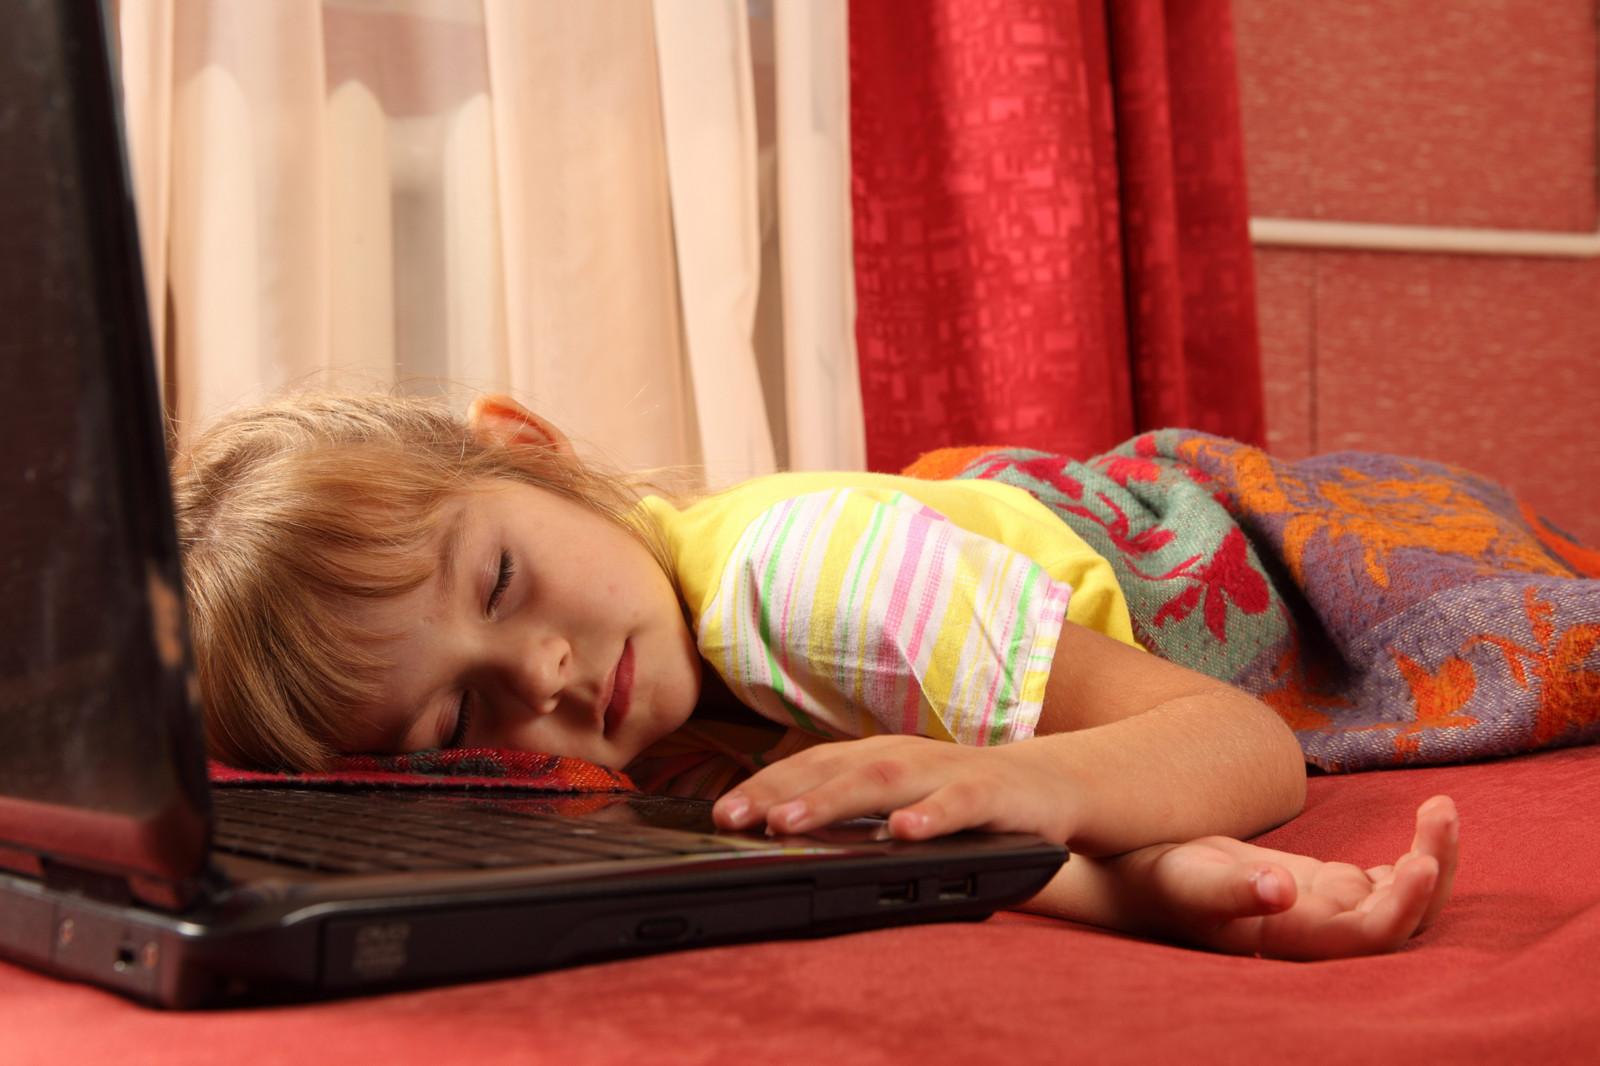 Форума, смешные картинки сонных девочек